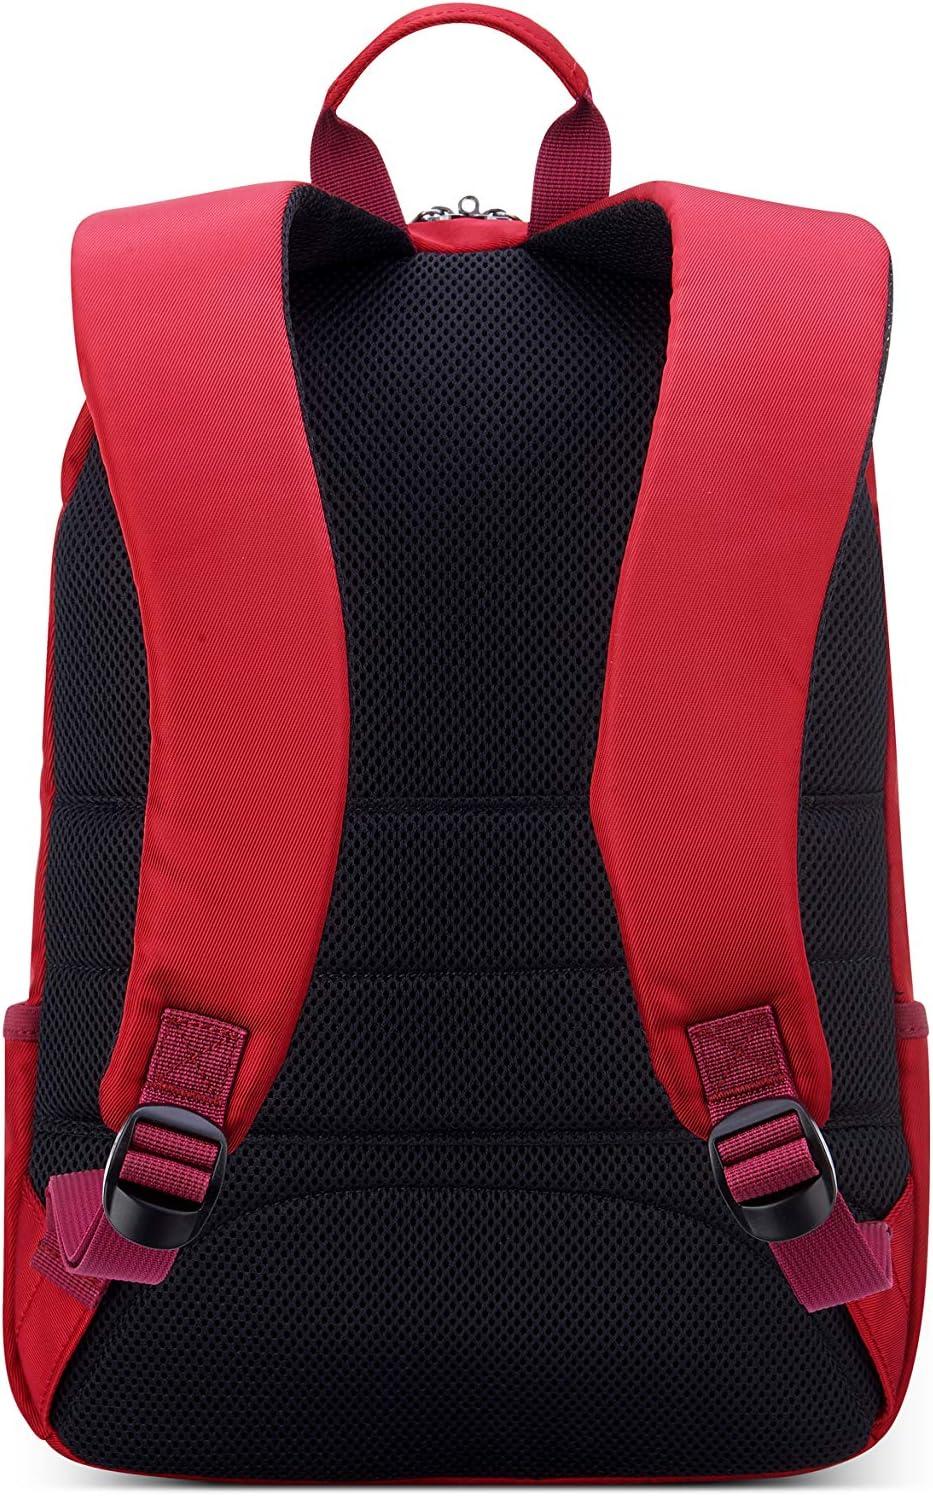 DELSEY PARIS Sac /à dos femme Rouge ESPLANADE 2 compartiments protection PC13.3